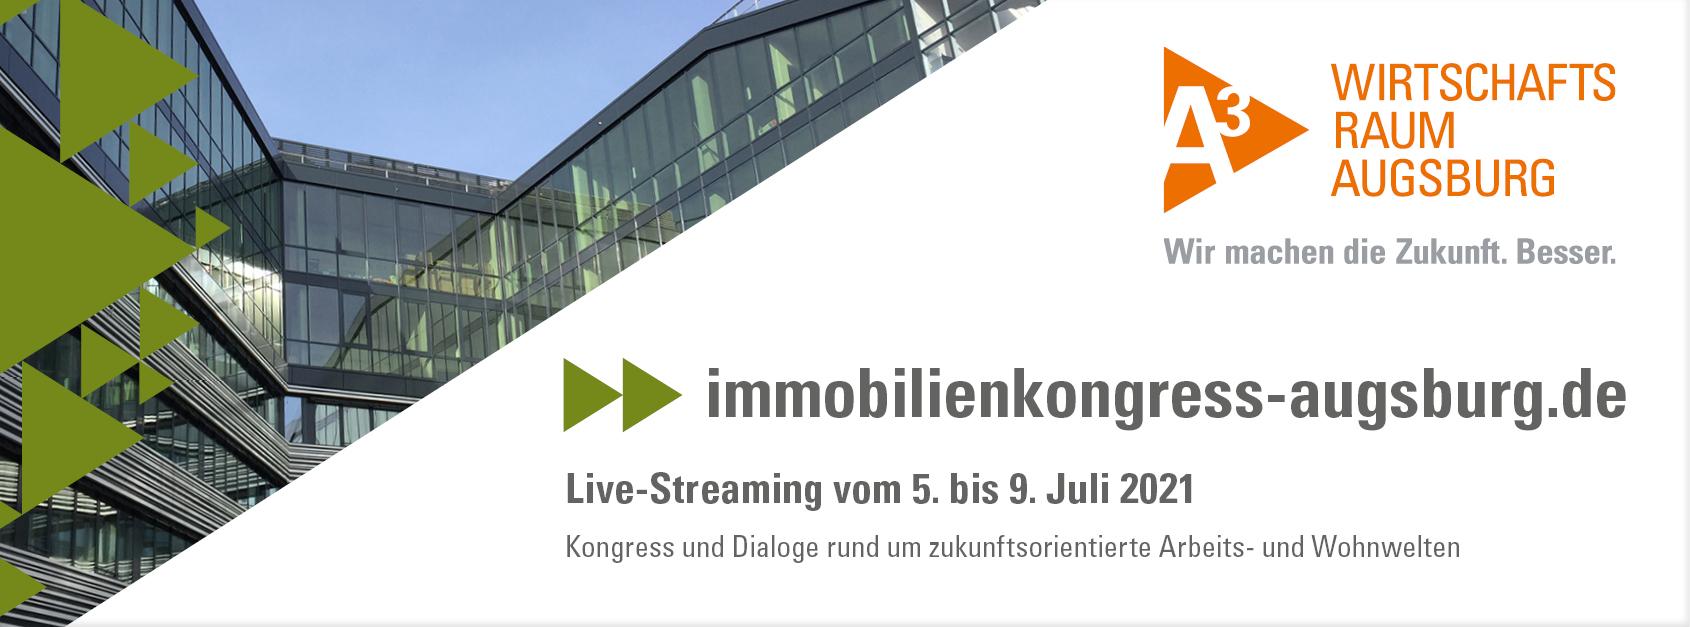 Immobilienkongress Augsburg